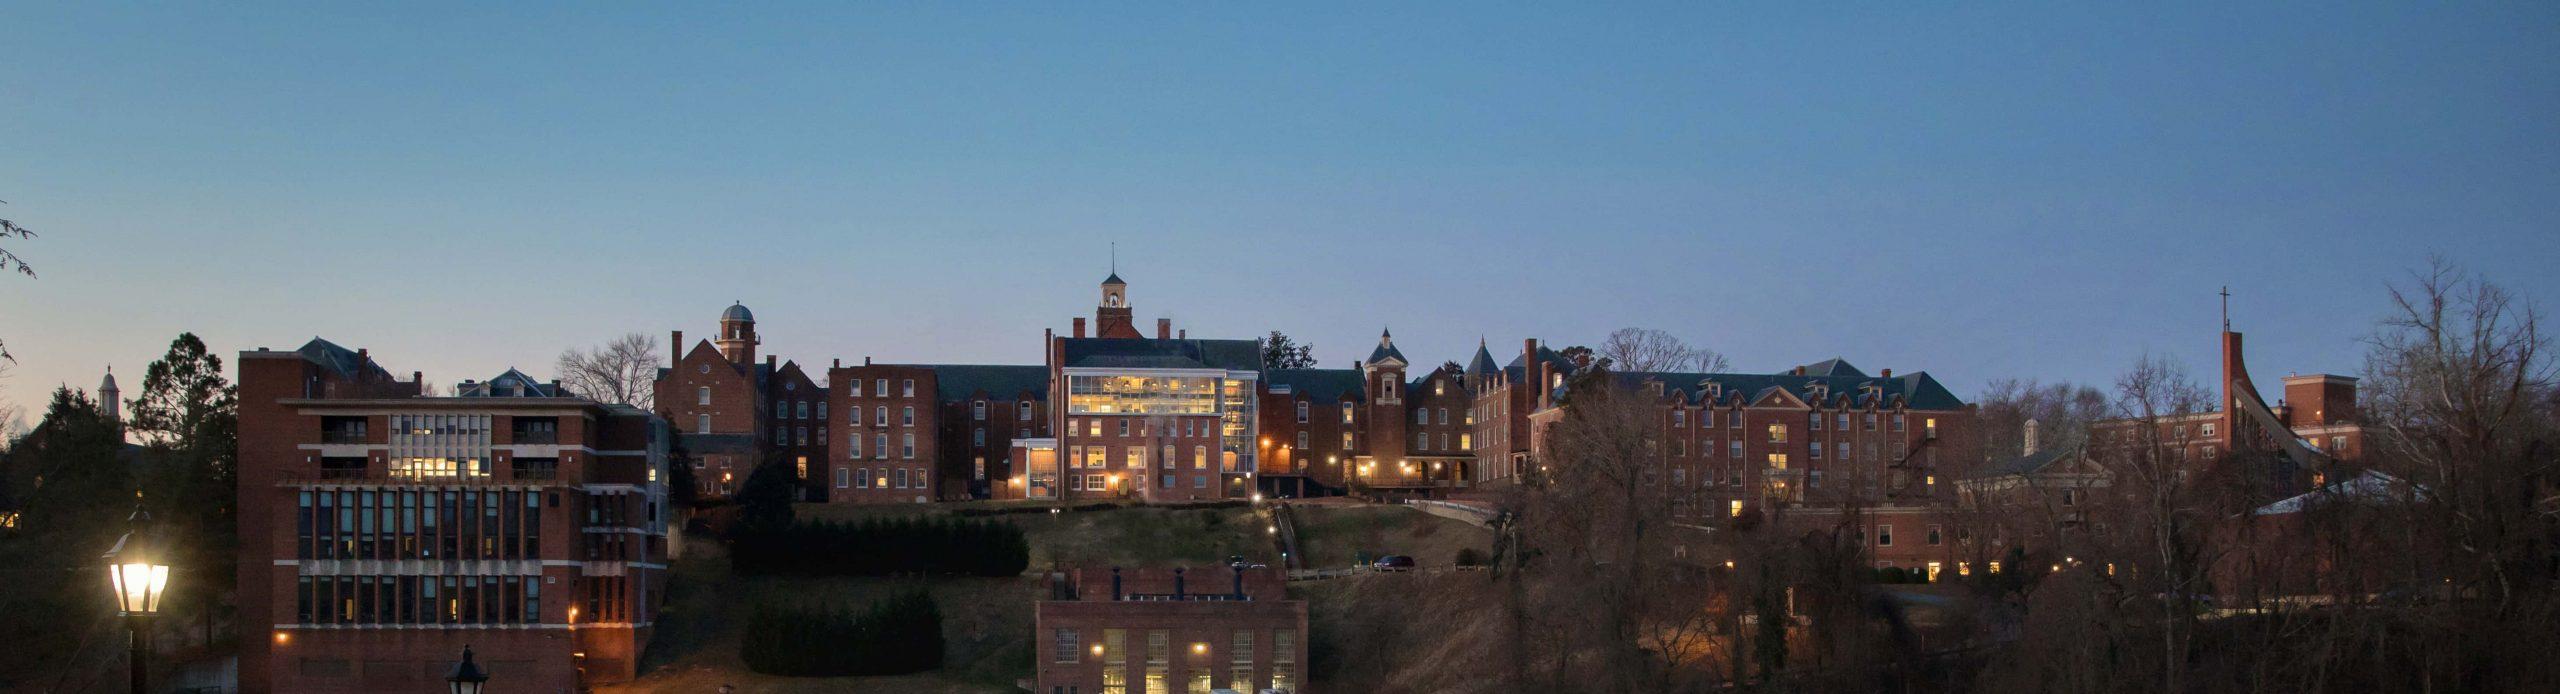 Photo of Main Hall at night